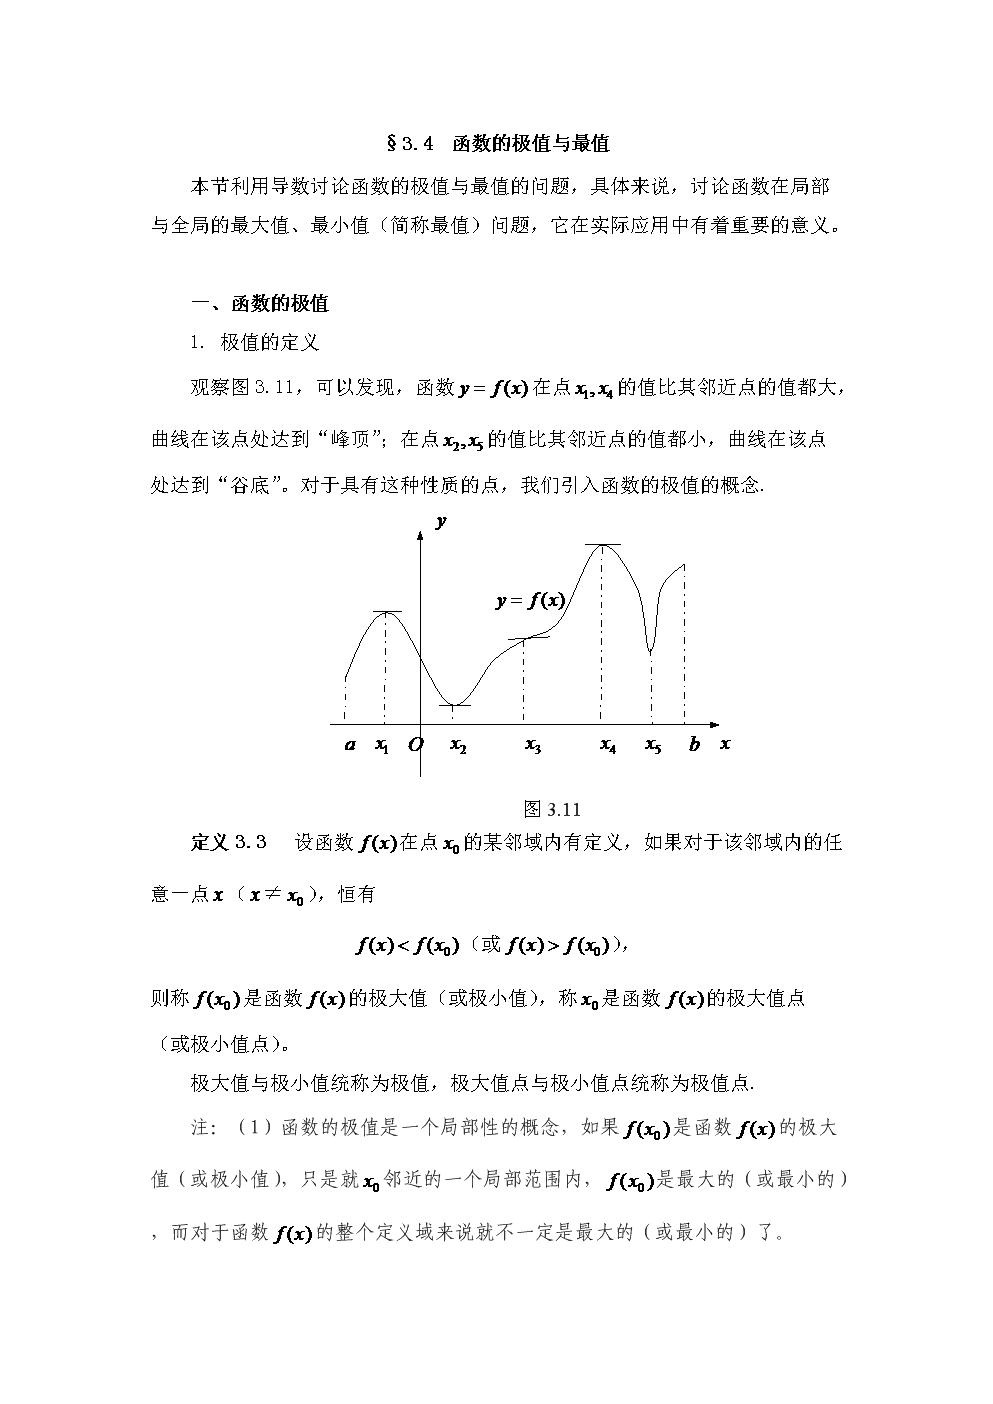 高等数学-第3章-3.4-函数的极值和最值.doc